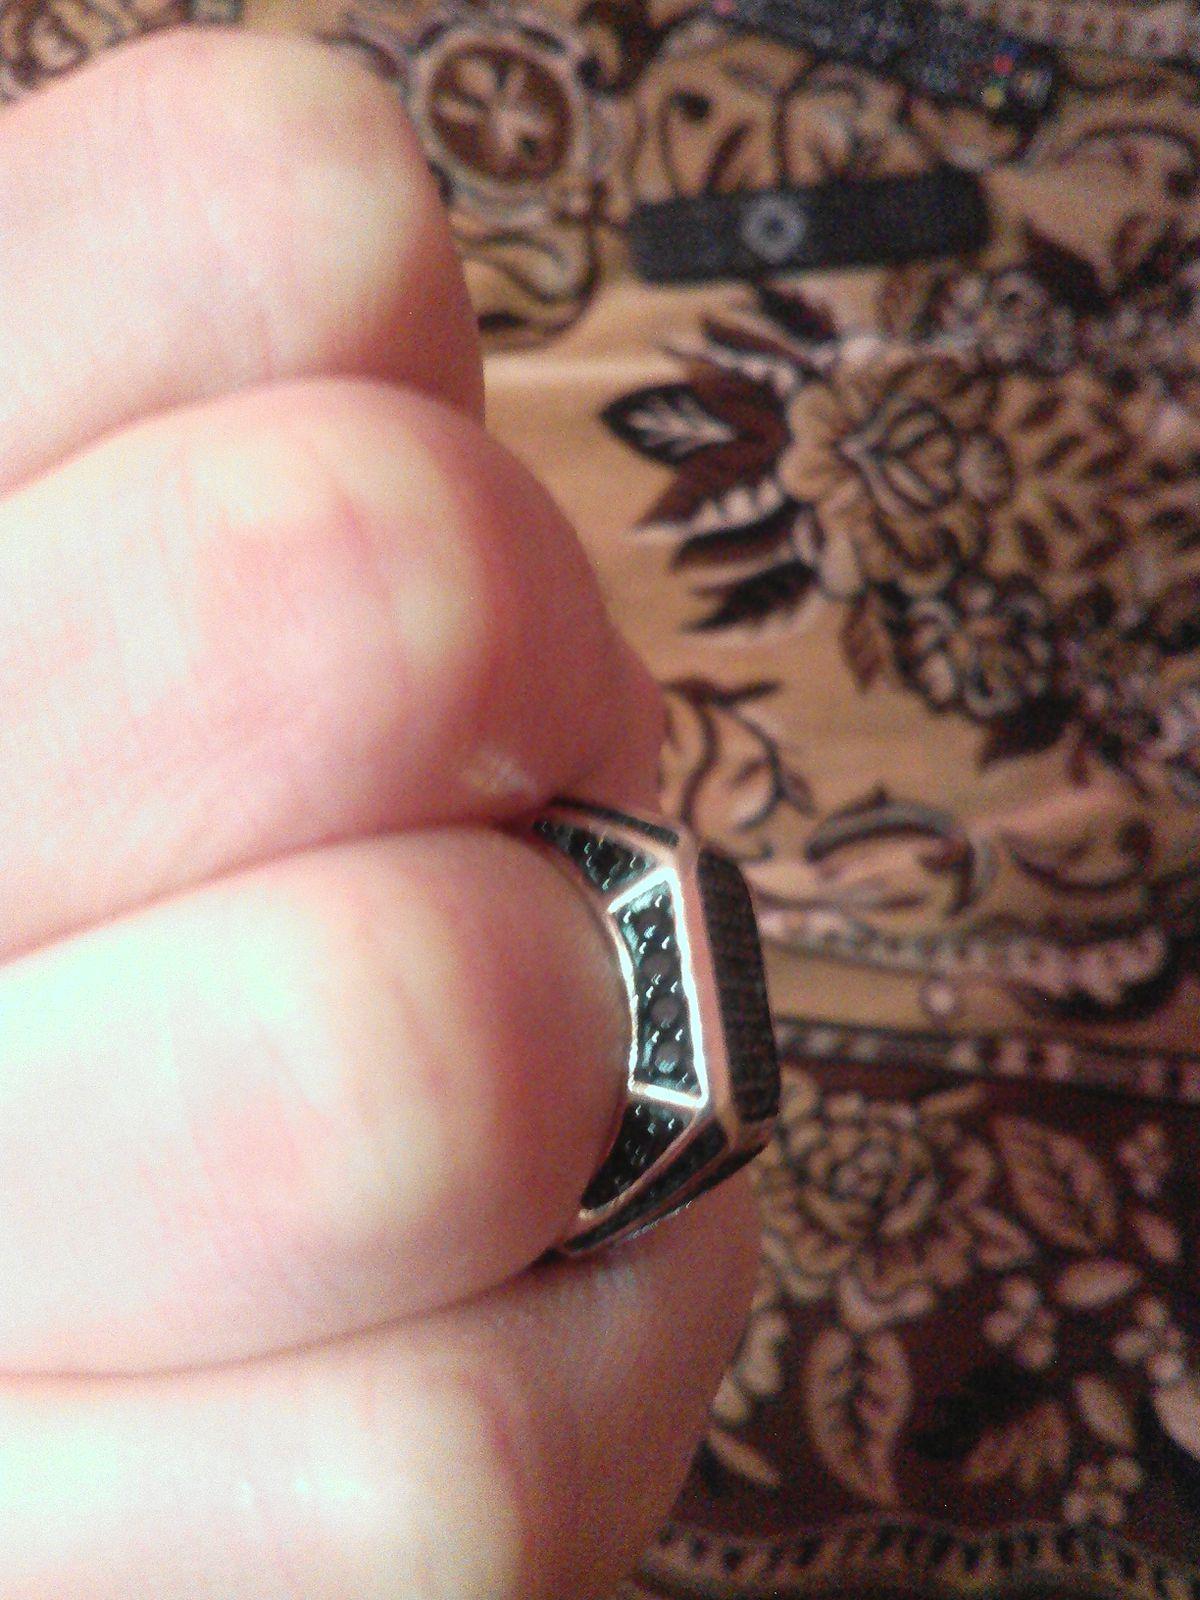 Кольцо красивое,элегантное, на руке не большое мне маленькое,эффектное